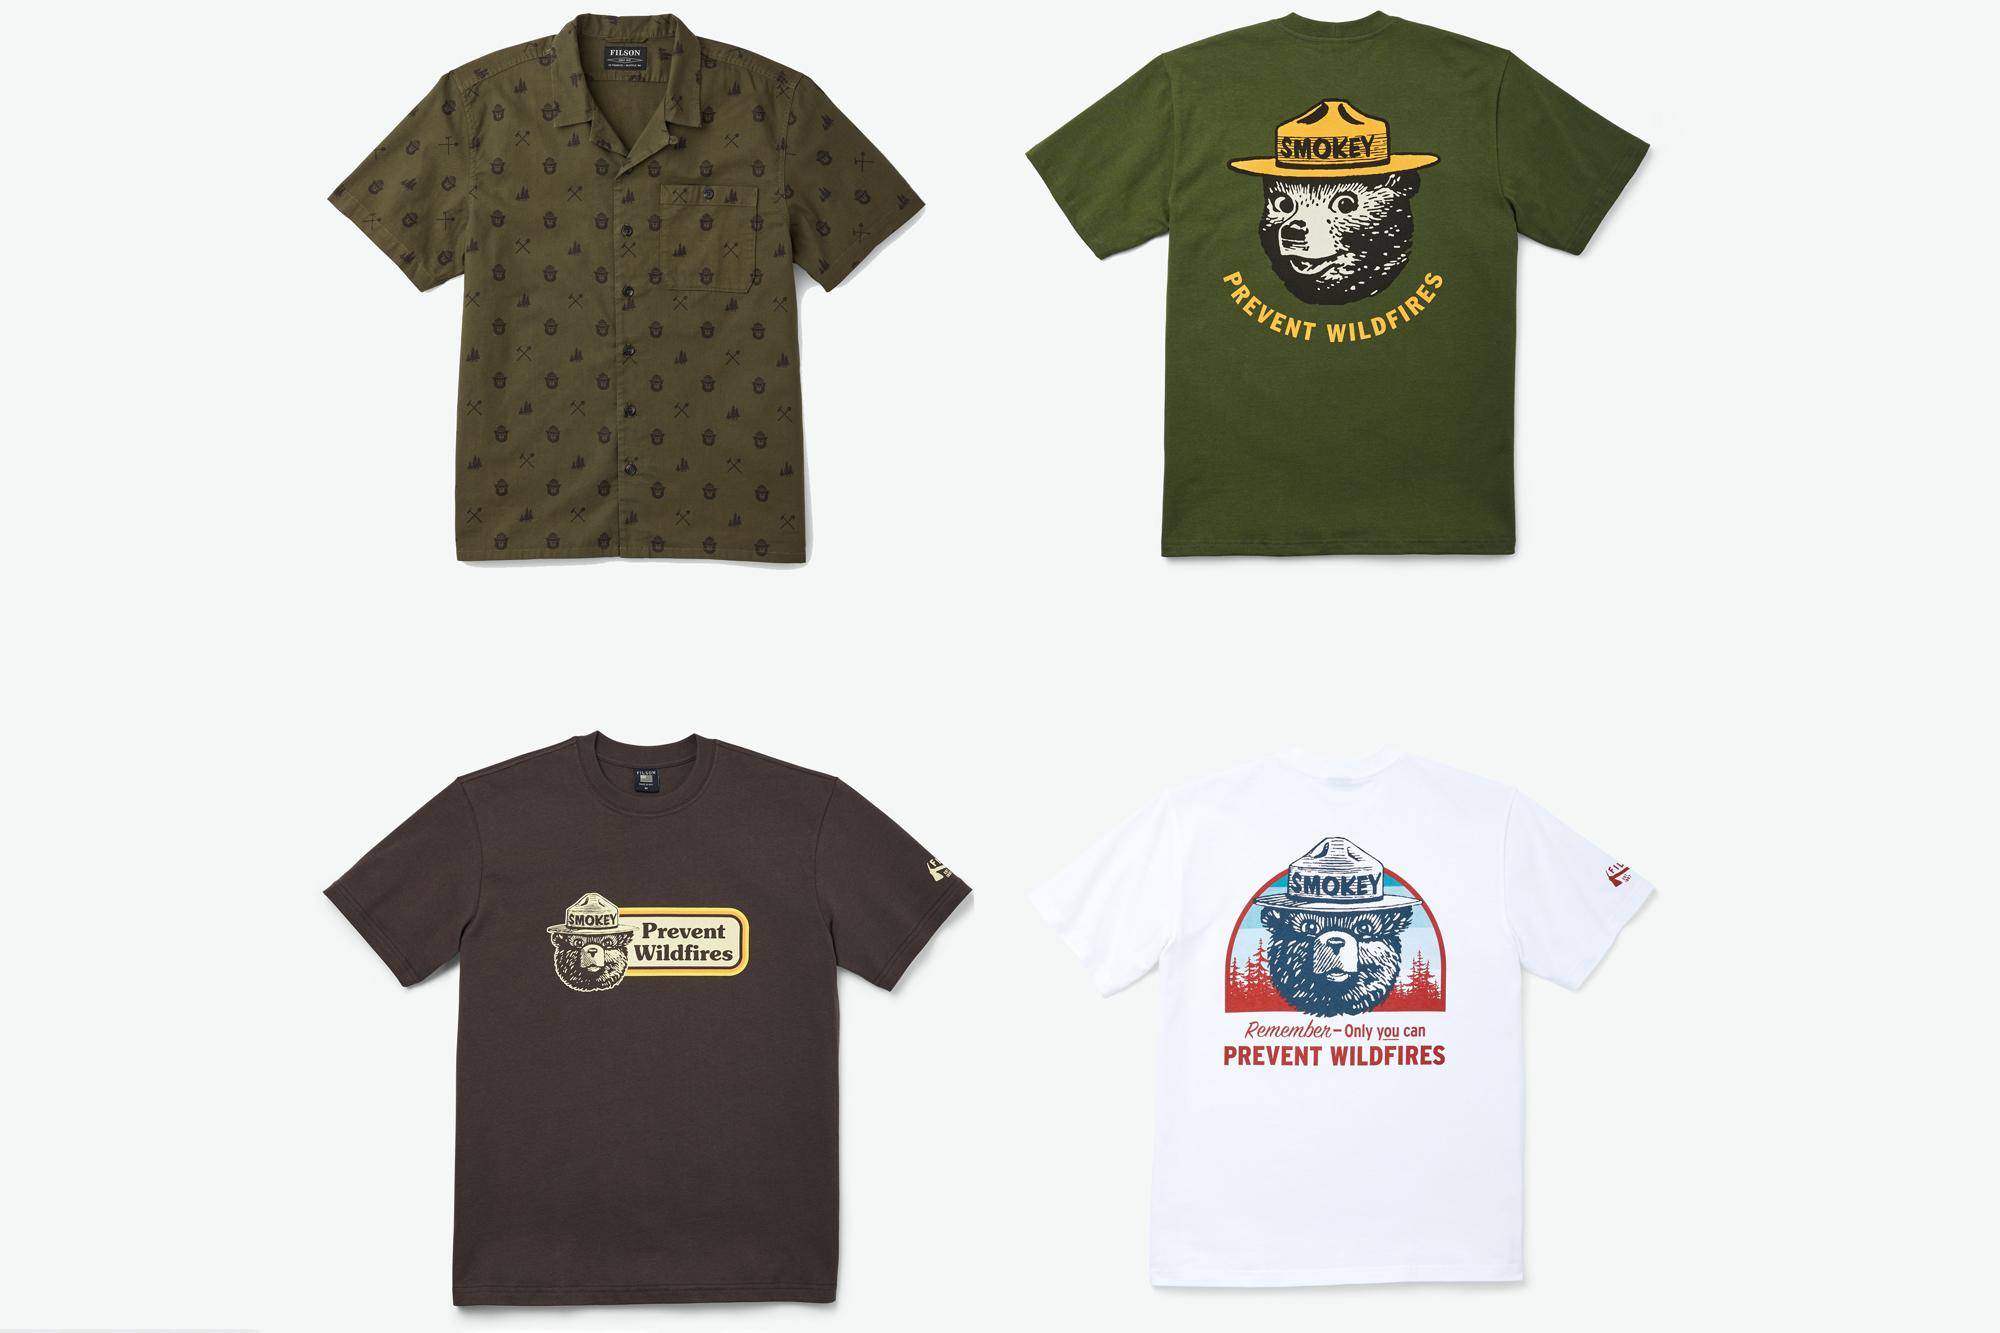 Filson x Smokey the Bear shirts